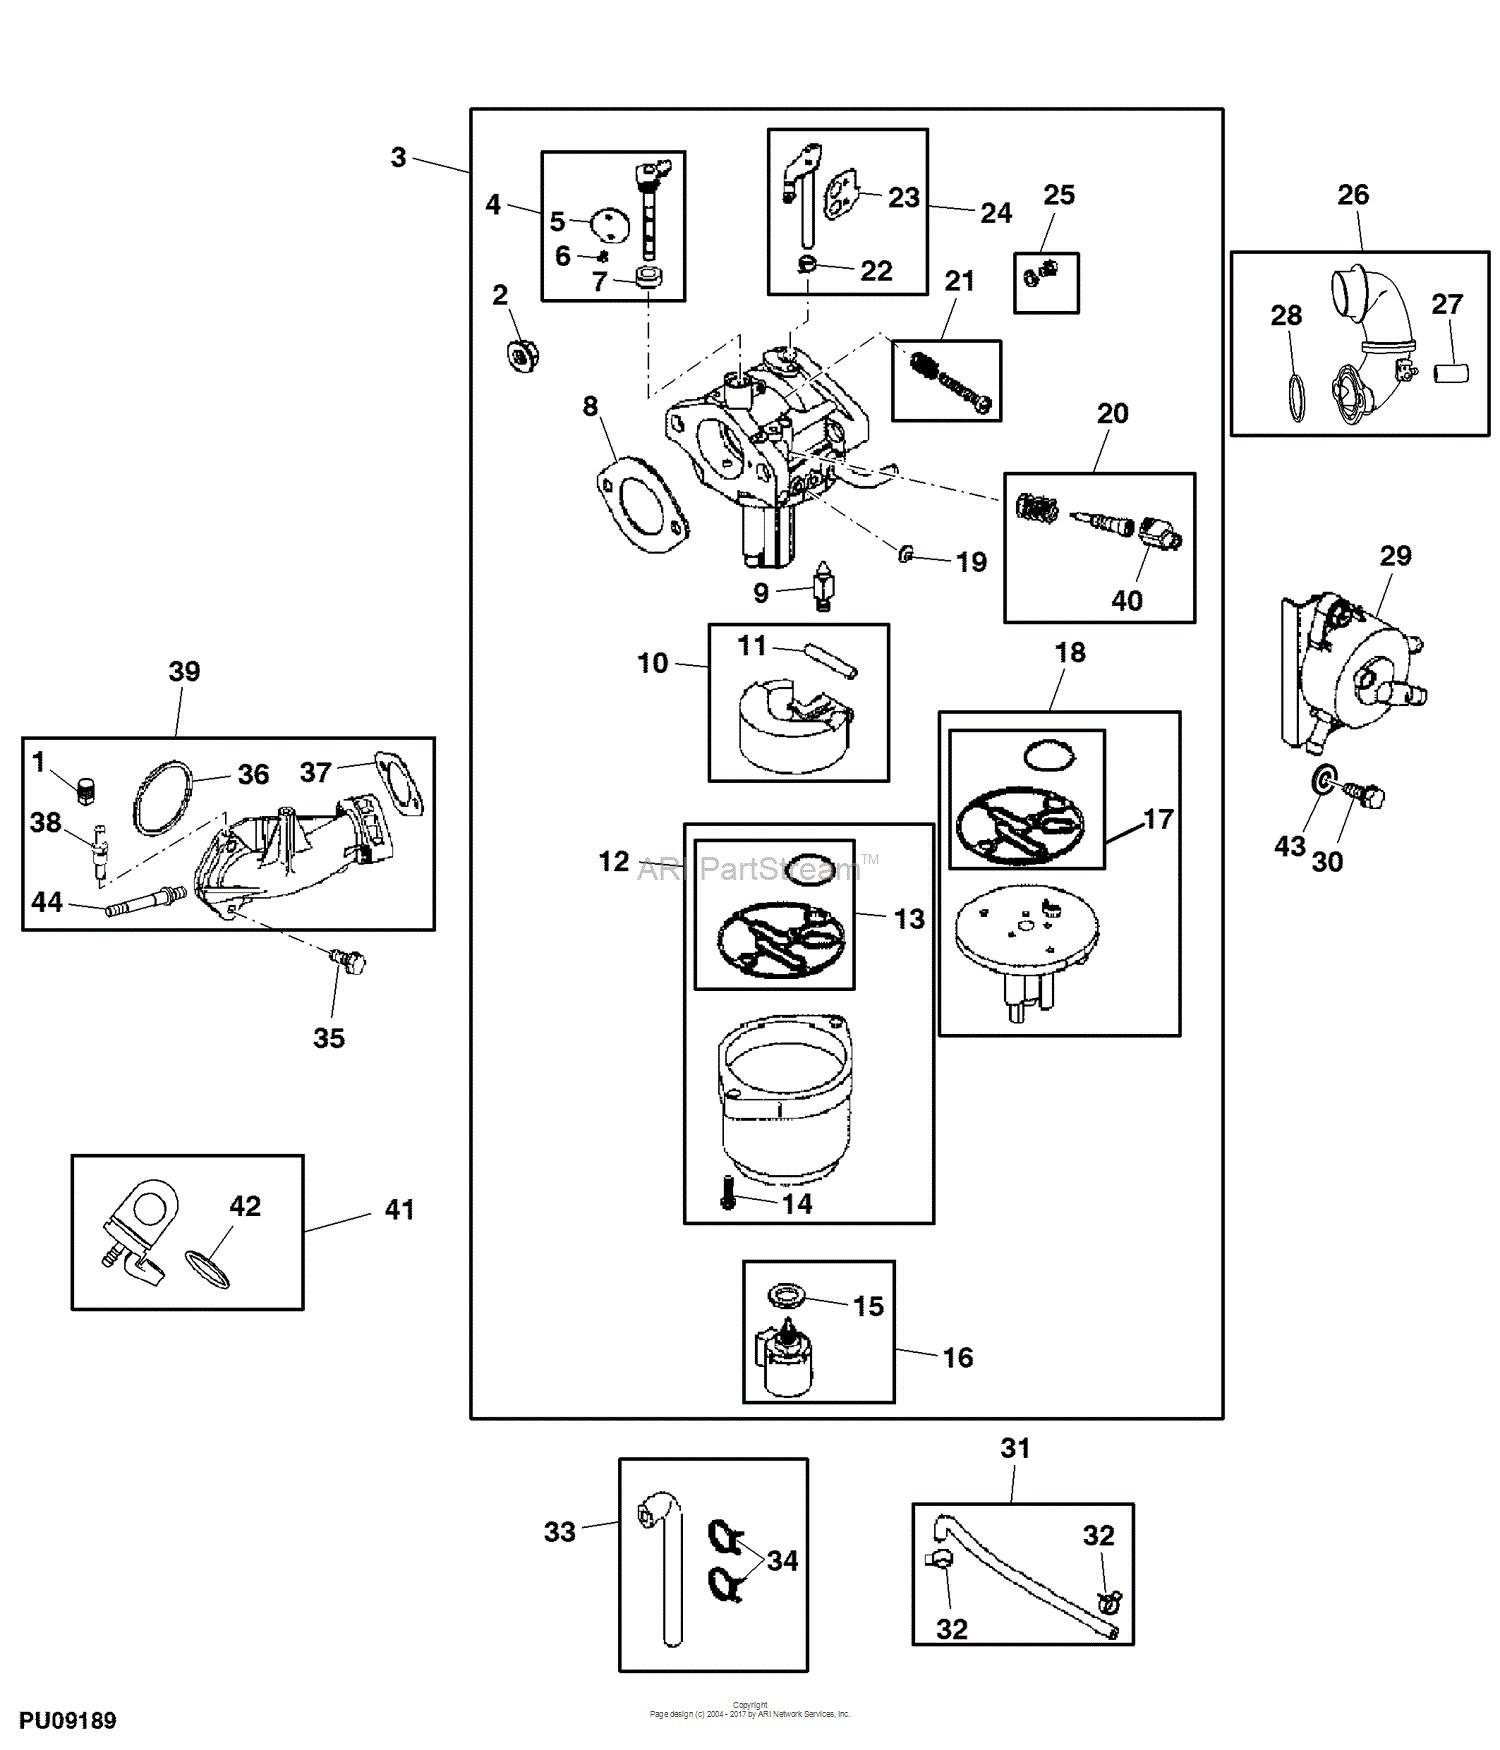 John Deere 2320 Wiring Diagram - Lexus Sc 430 Wiring Diagram - wiring-wiring .tukune.jeanjaures37.fr | John Deere 2320 Wiring Diagram |  | Wiring Diagram Resource